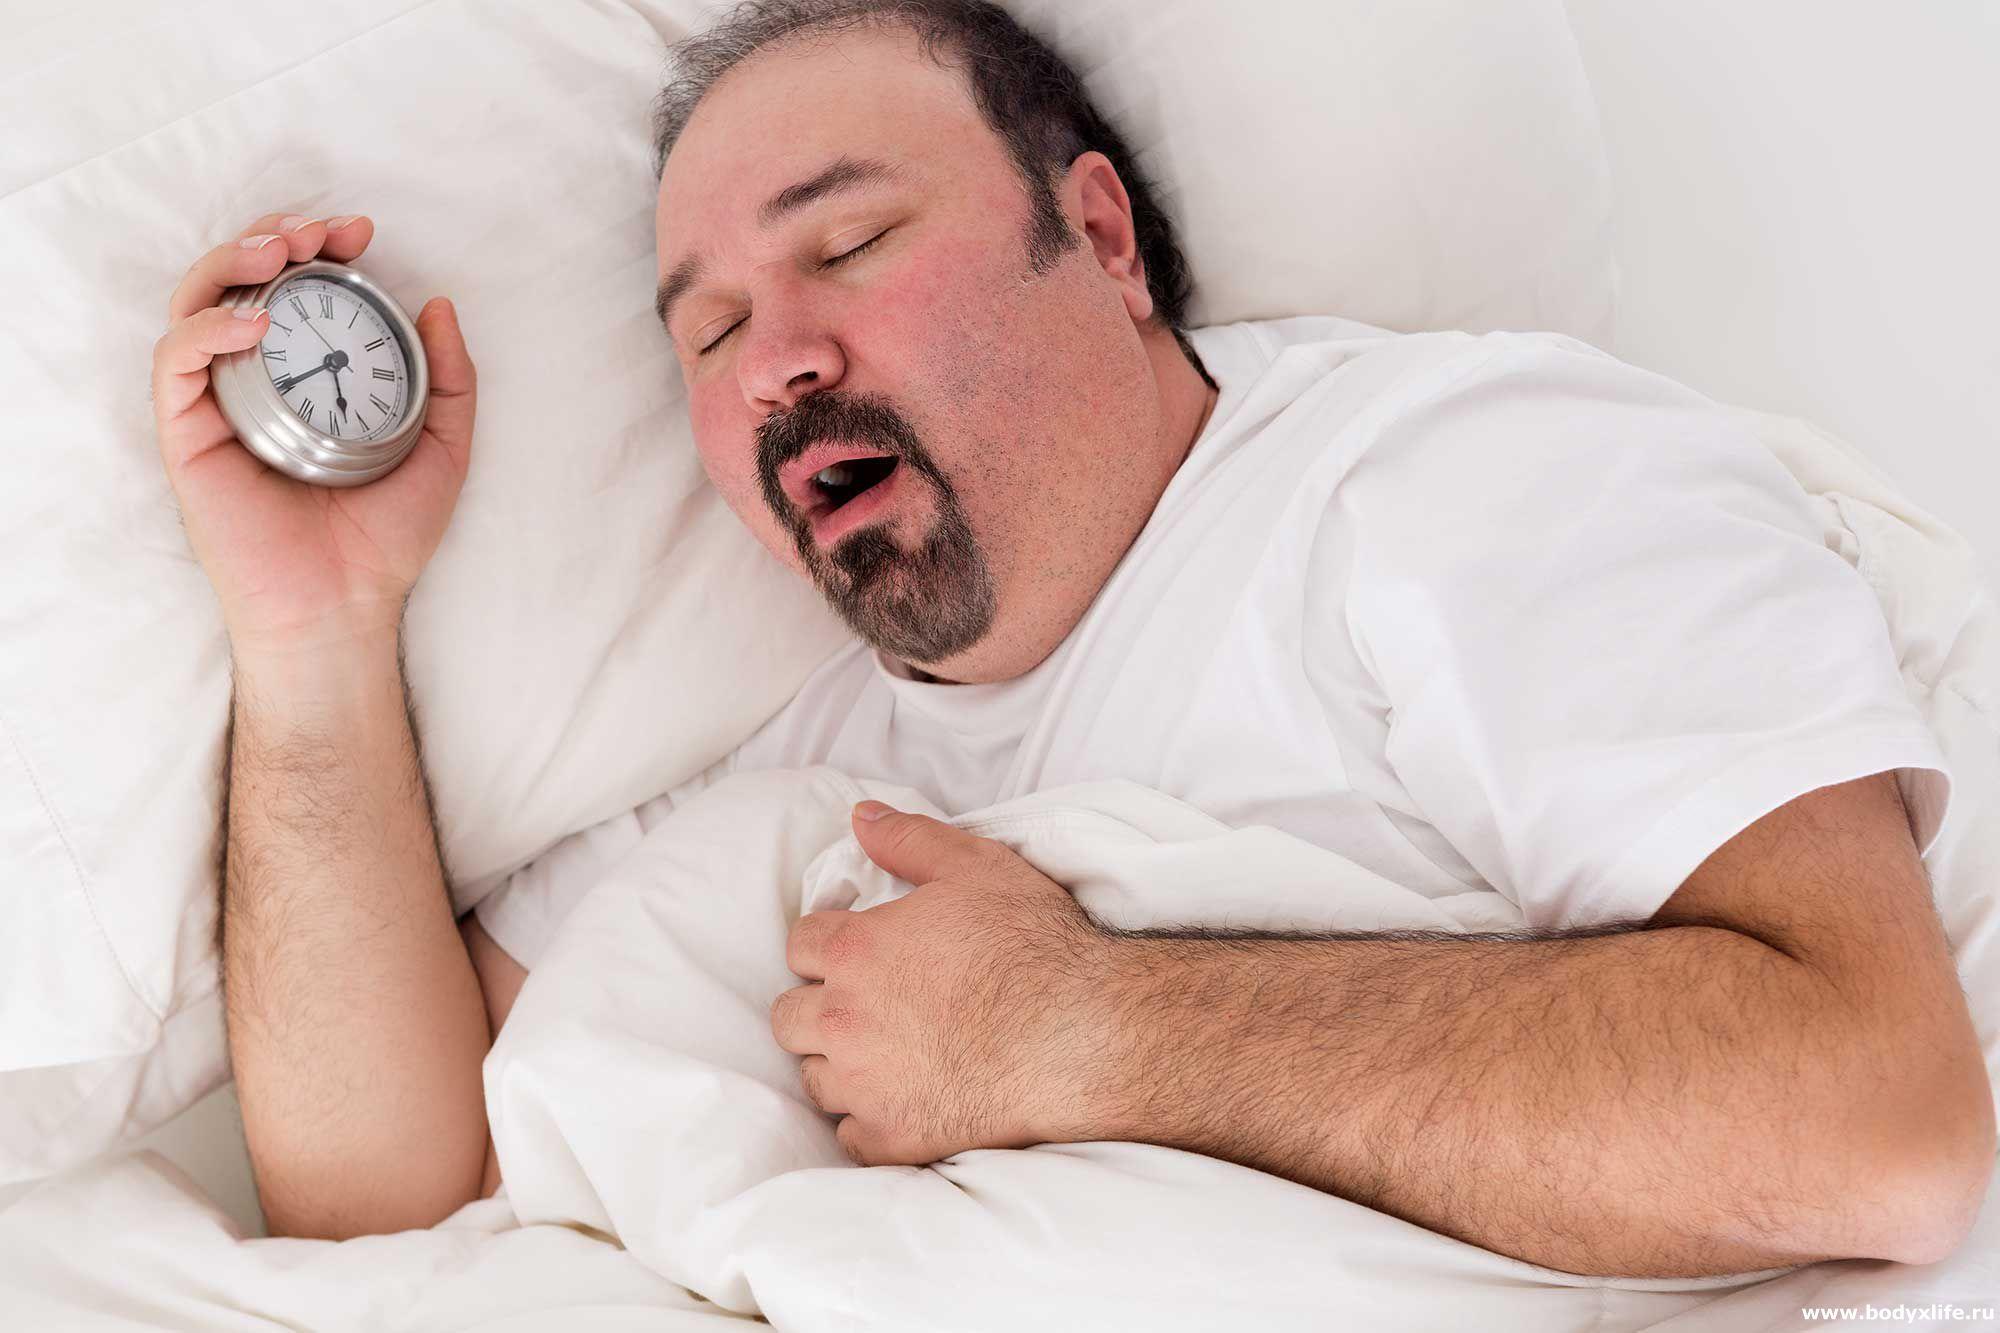 недосып и ожирение.jpeg